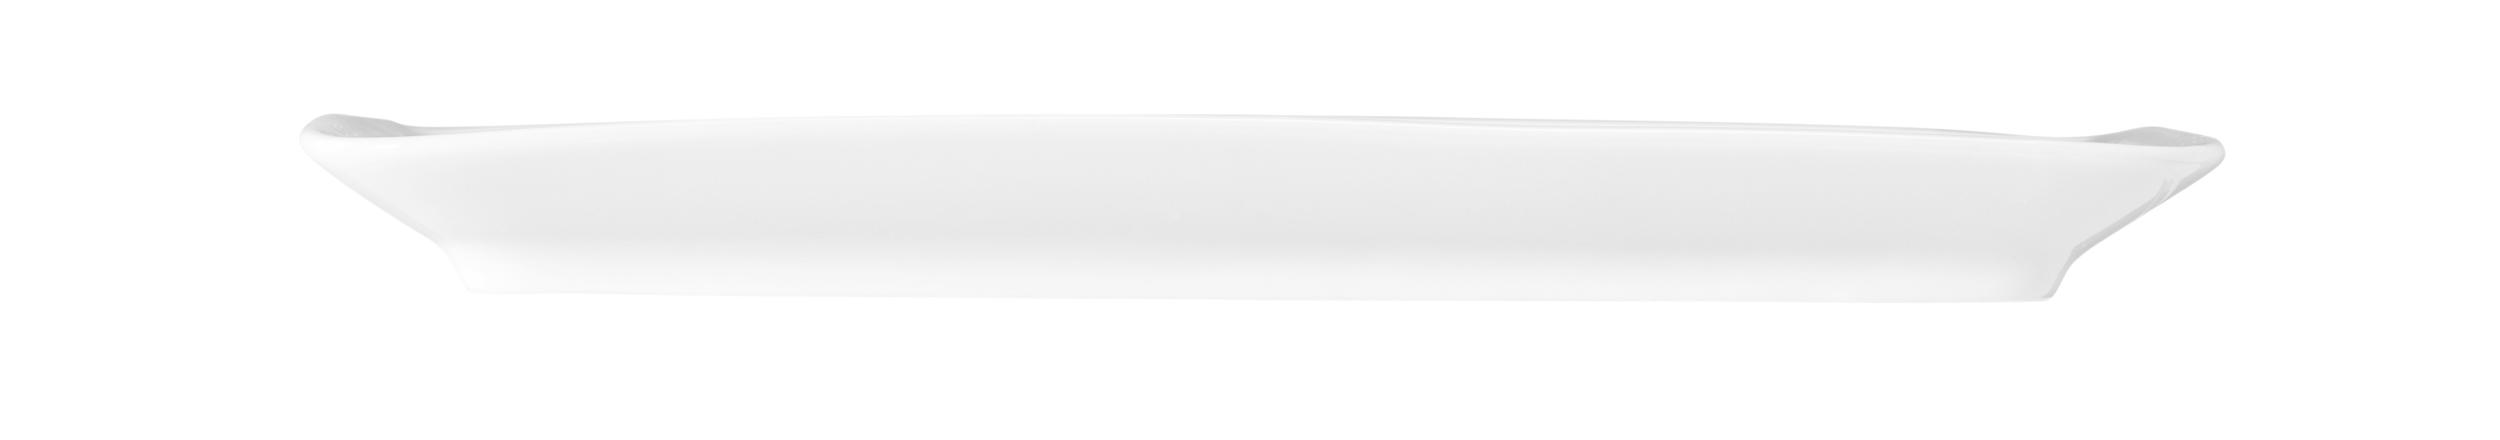 Koeniglich Tettau - Amina Butterplatte 18,5x12,5 cm